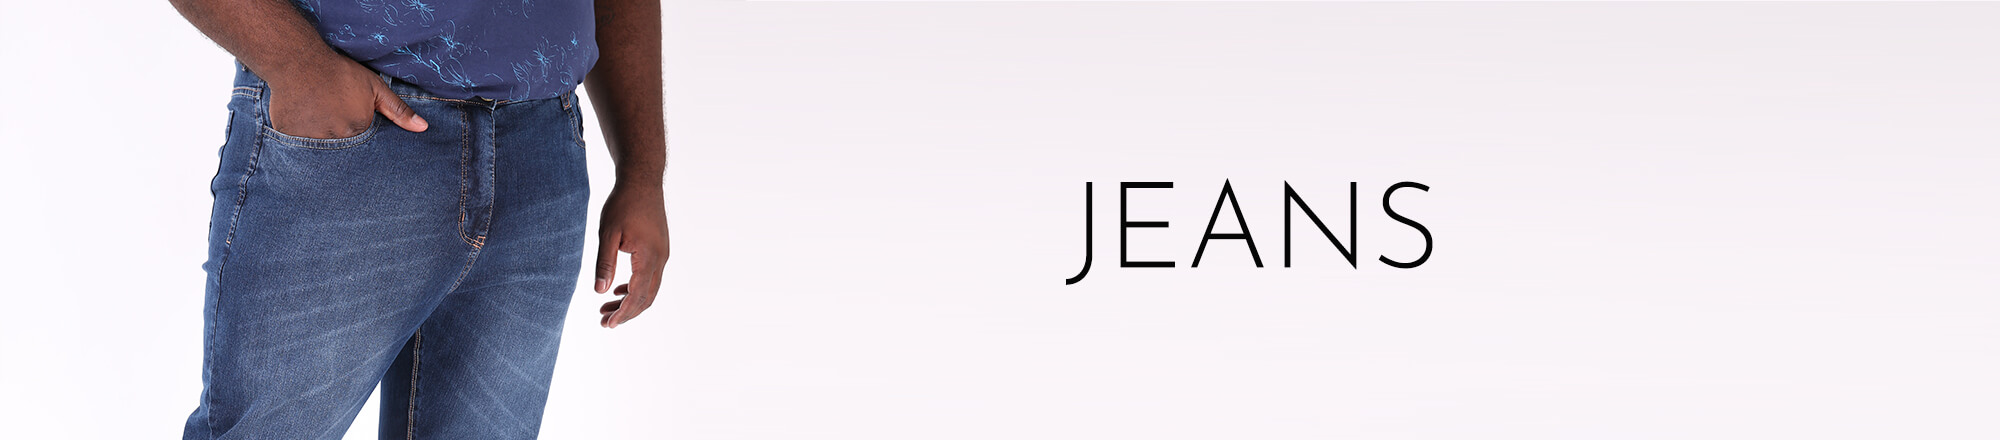 Banner-JEANS-MEN